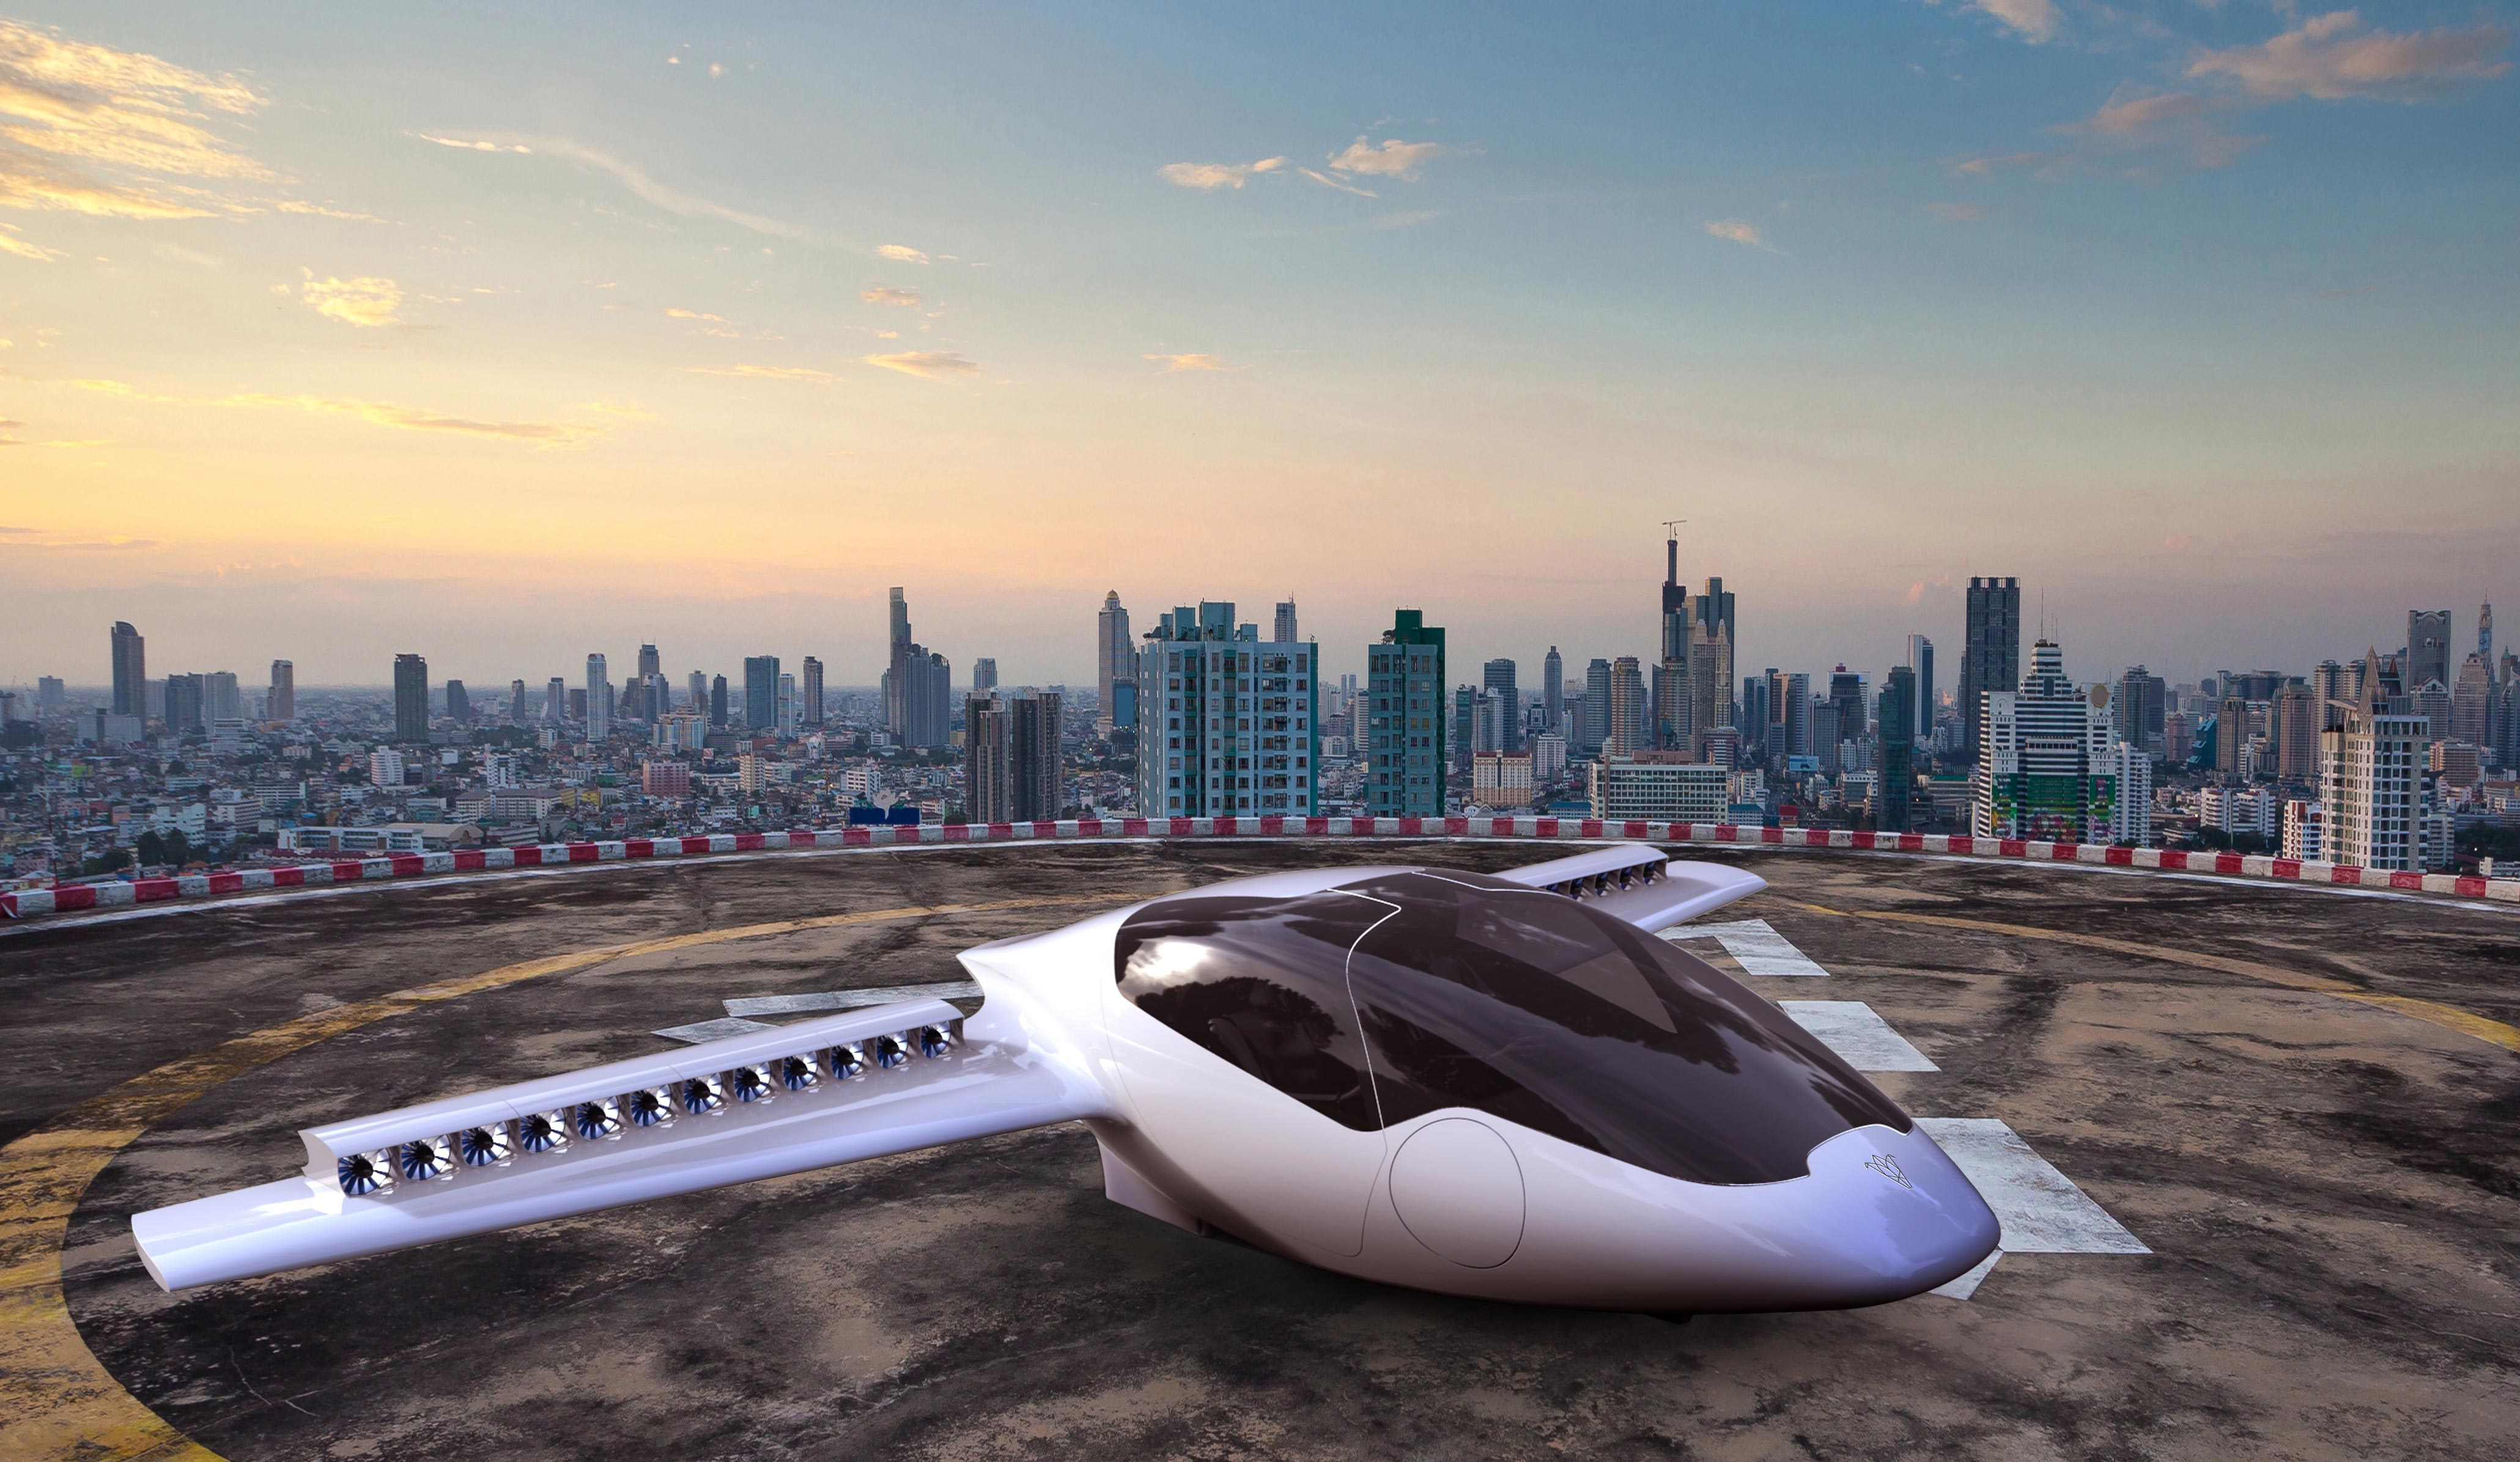 """Nhóm thiết kế hy vọng Lilium sẽ đi vào hoạt động năm 2018. Công ty phát triển mẫu máy bay mới là mô hình khởi nghiệp nằm dưới sự bảo trợ kinh doanh của ESA. Lilium được kỳ vọng tạo ra cuộc cách mạng về máy bay cá nhân nhưng vẫn đảm bảo các lợi ích về môi trường và tính thiết thực. Daniel Wiegand, một trong 4 nhà sáng lập công ty, cho biết: """"Về lâu dài, mục tiêu của chúng tôi là tạo ra một chiếc máy bay mà mọi người đều có thể mua trong bối cảnh chuyên cơ hiện nay vẫn là đặc quyền của giới siêu giàu"""". Ảnh: ESA"""